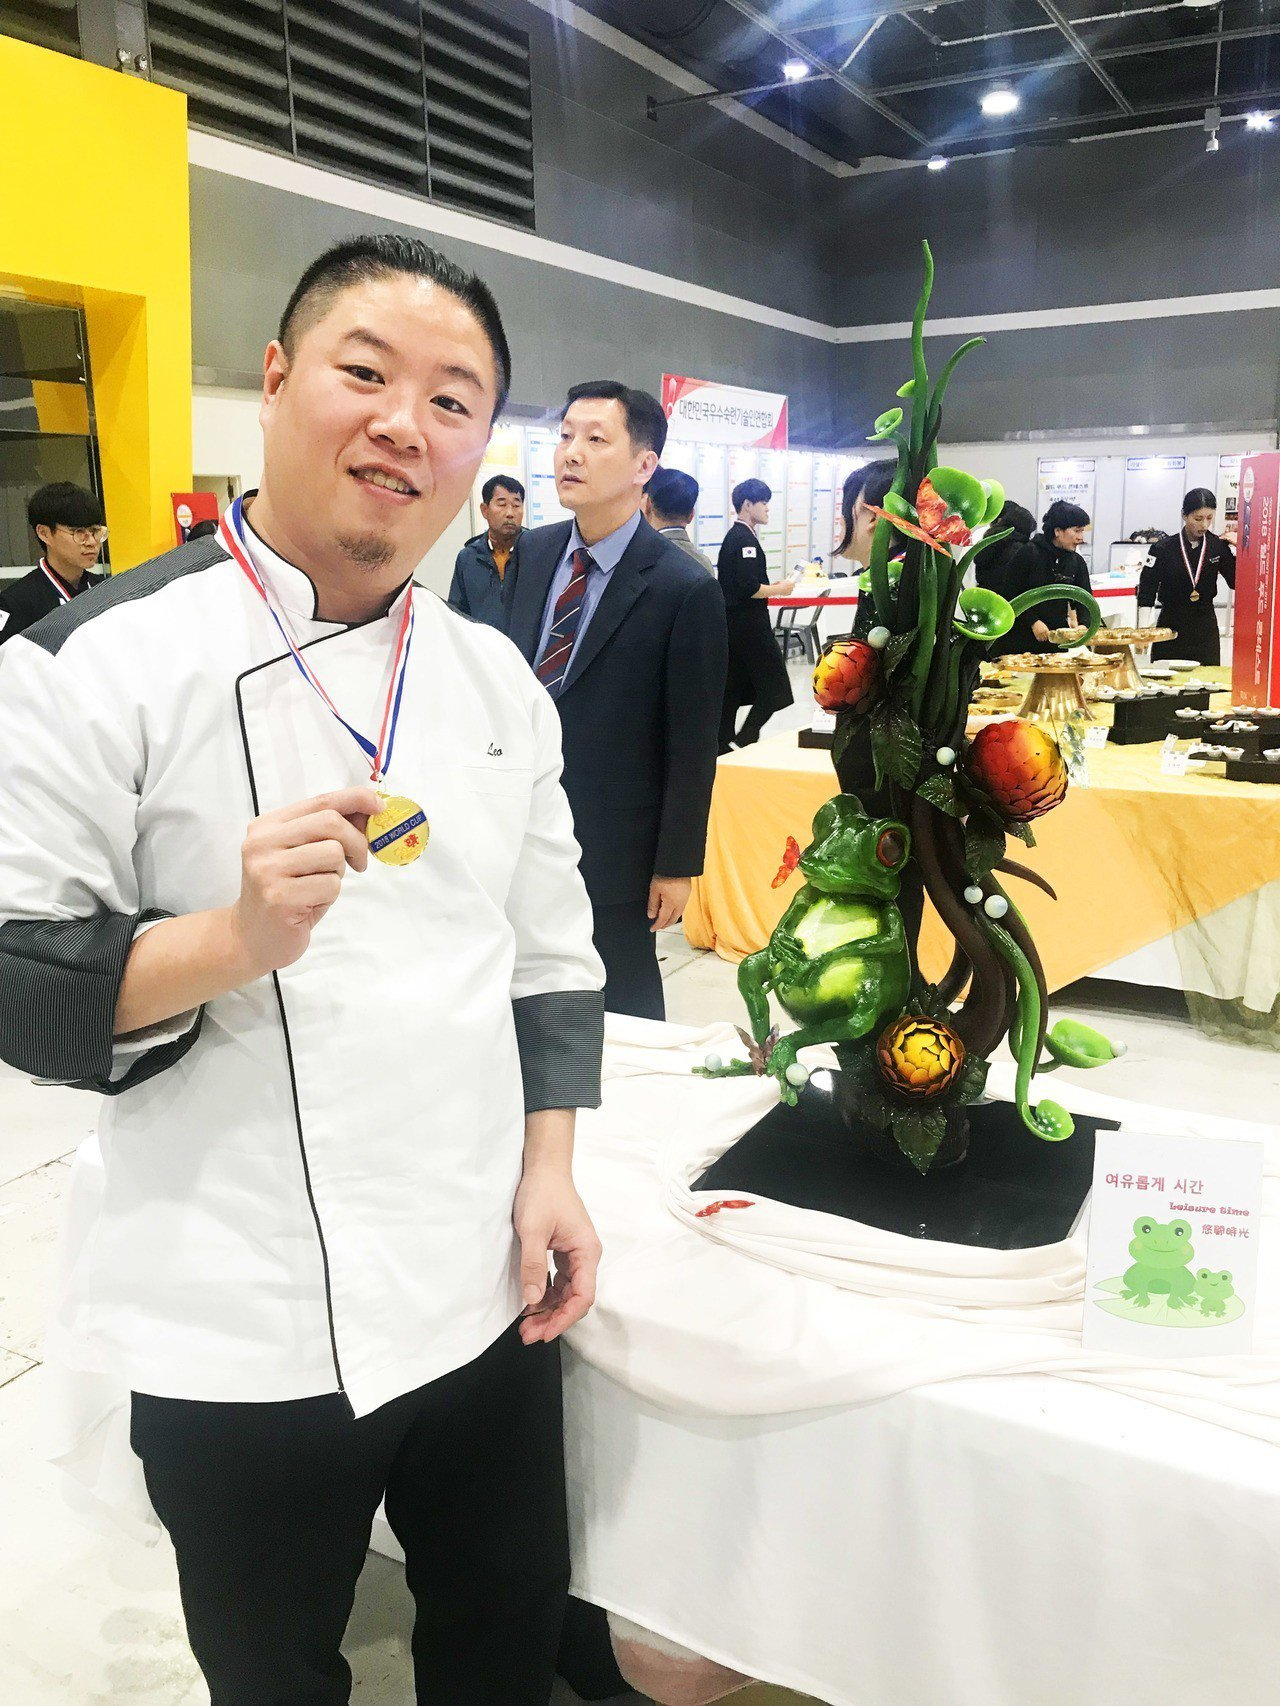 台北城市科技大學餐管系與烘焙學程師生在「2018AFA韓國世界廚藝大賽」拿下12...